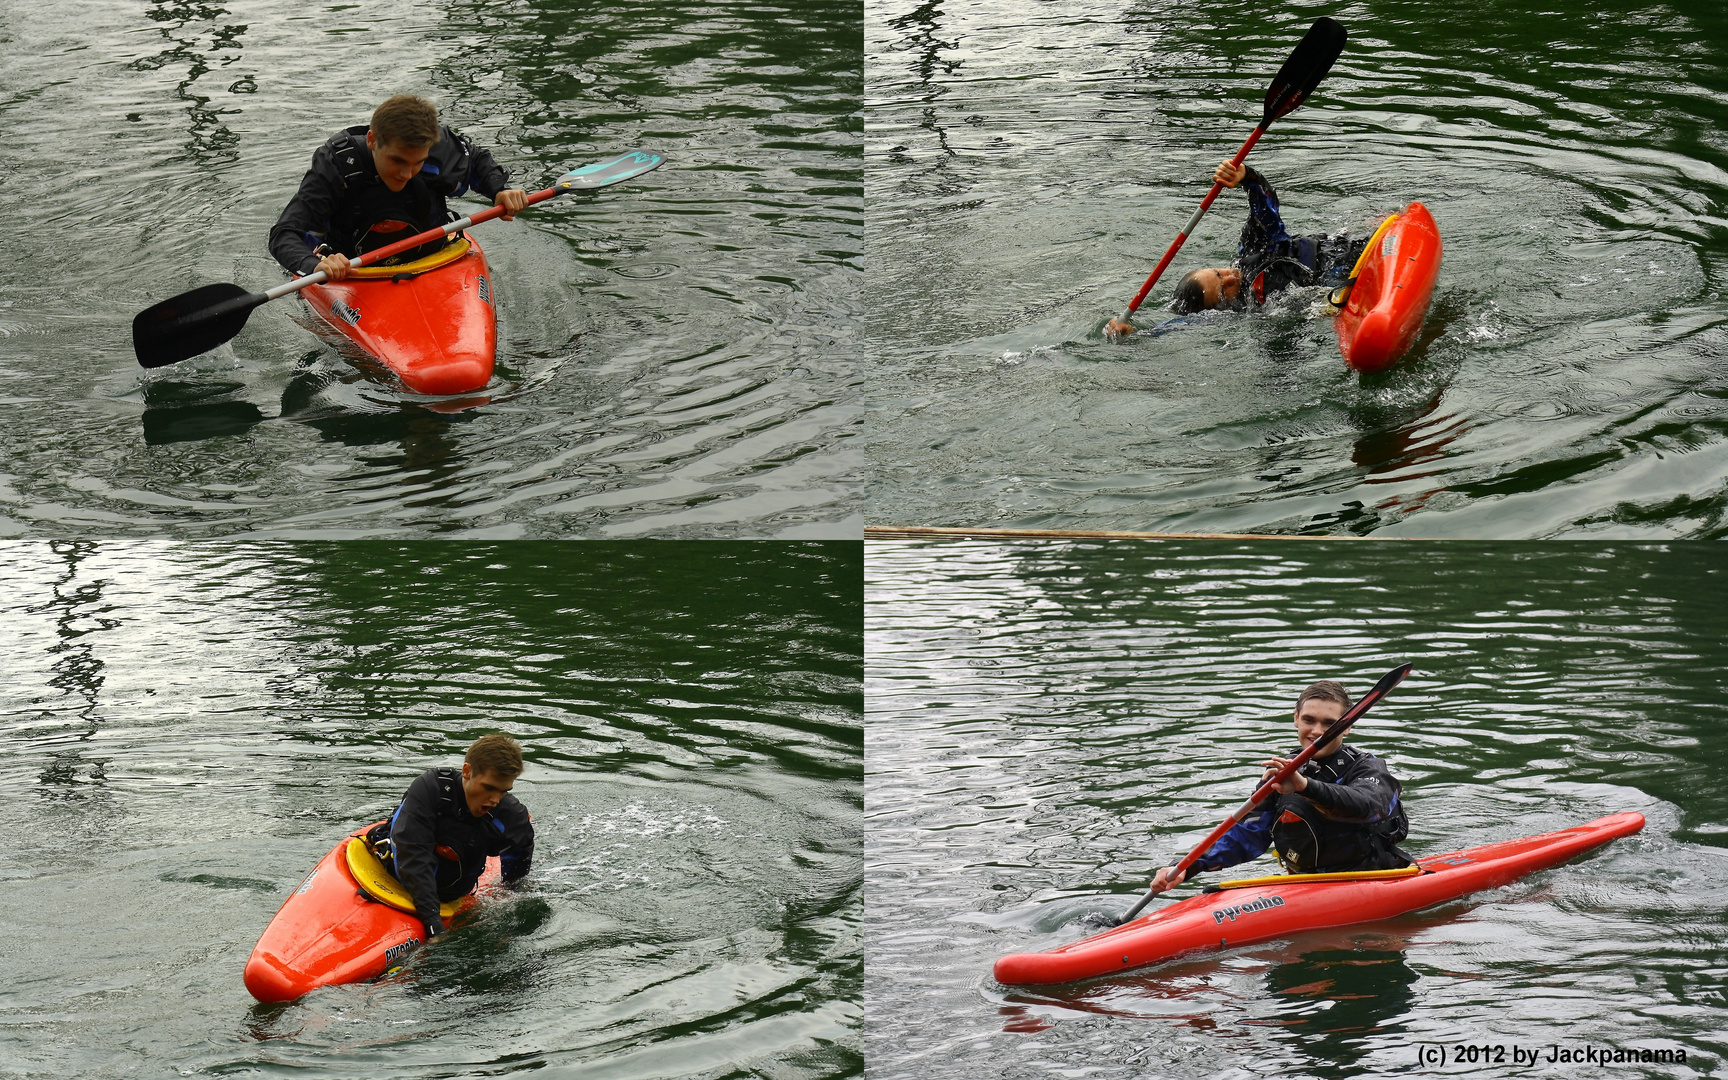 Eskimorolle eines Kanuten Foto & Bild   sport, wassersport, im unter-wasser  Bilder auf fotocommunity